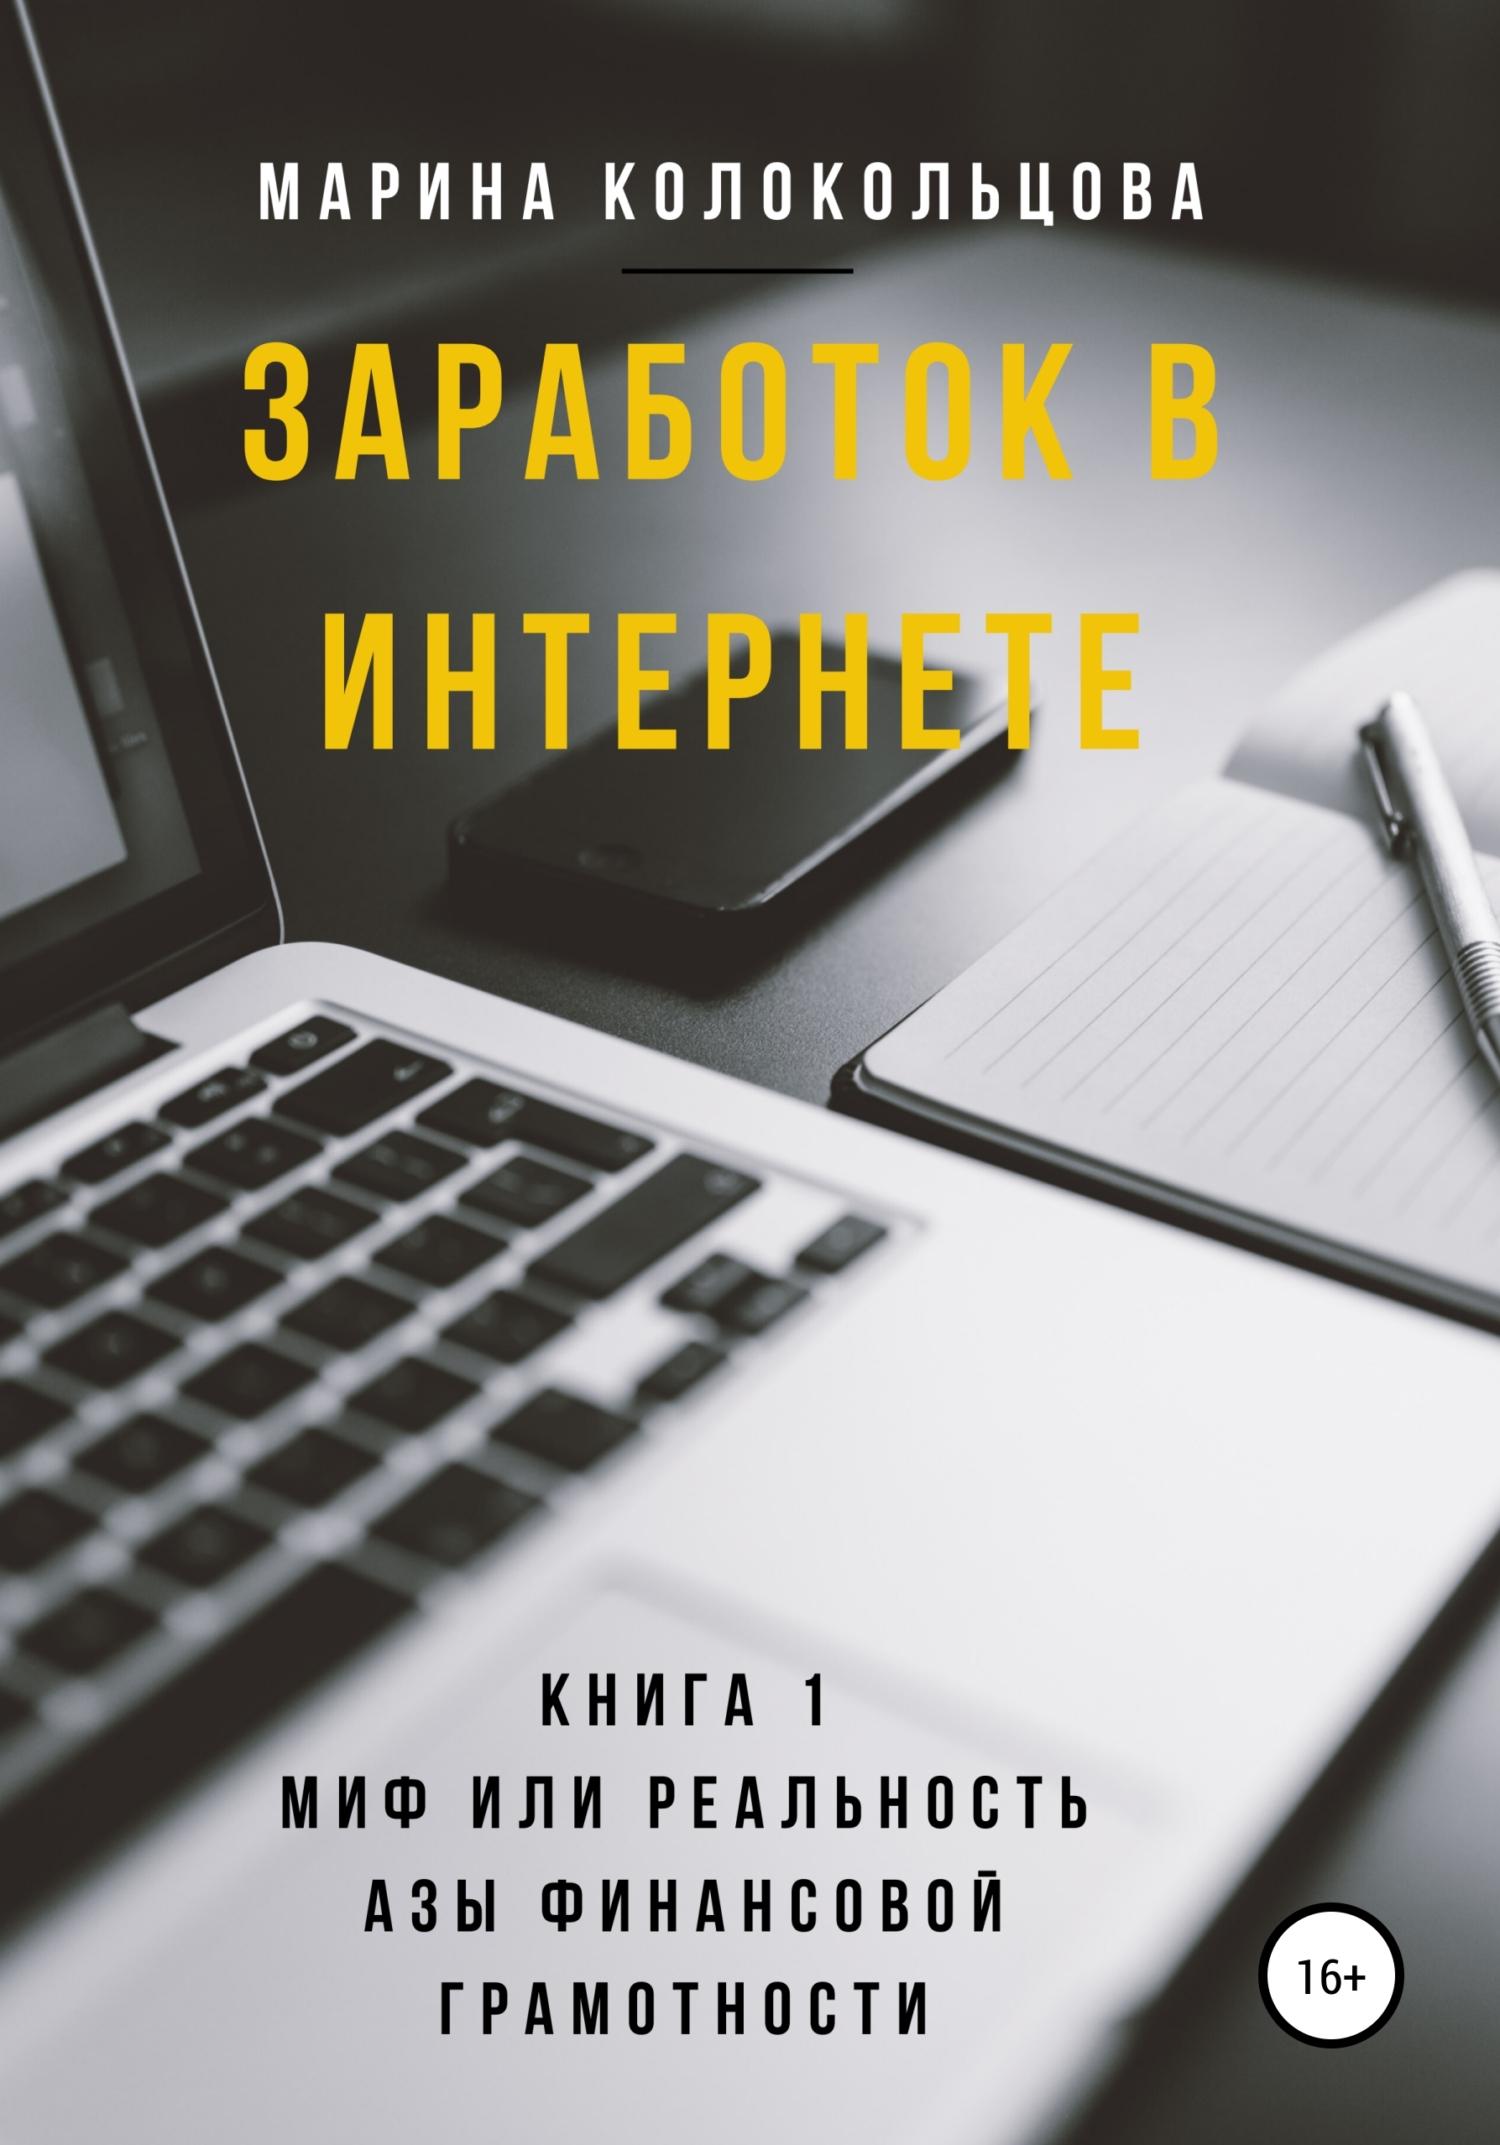 Купить книгу Заработок в интернете. Книга 1. Миф или реальность. Азы финансовой грамотности, автора Марины Колокольцовой